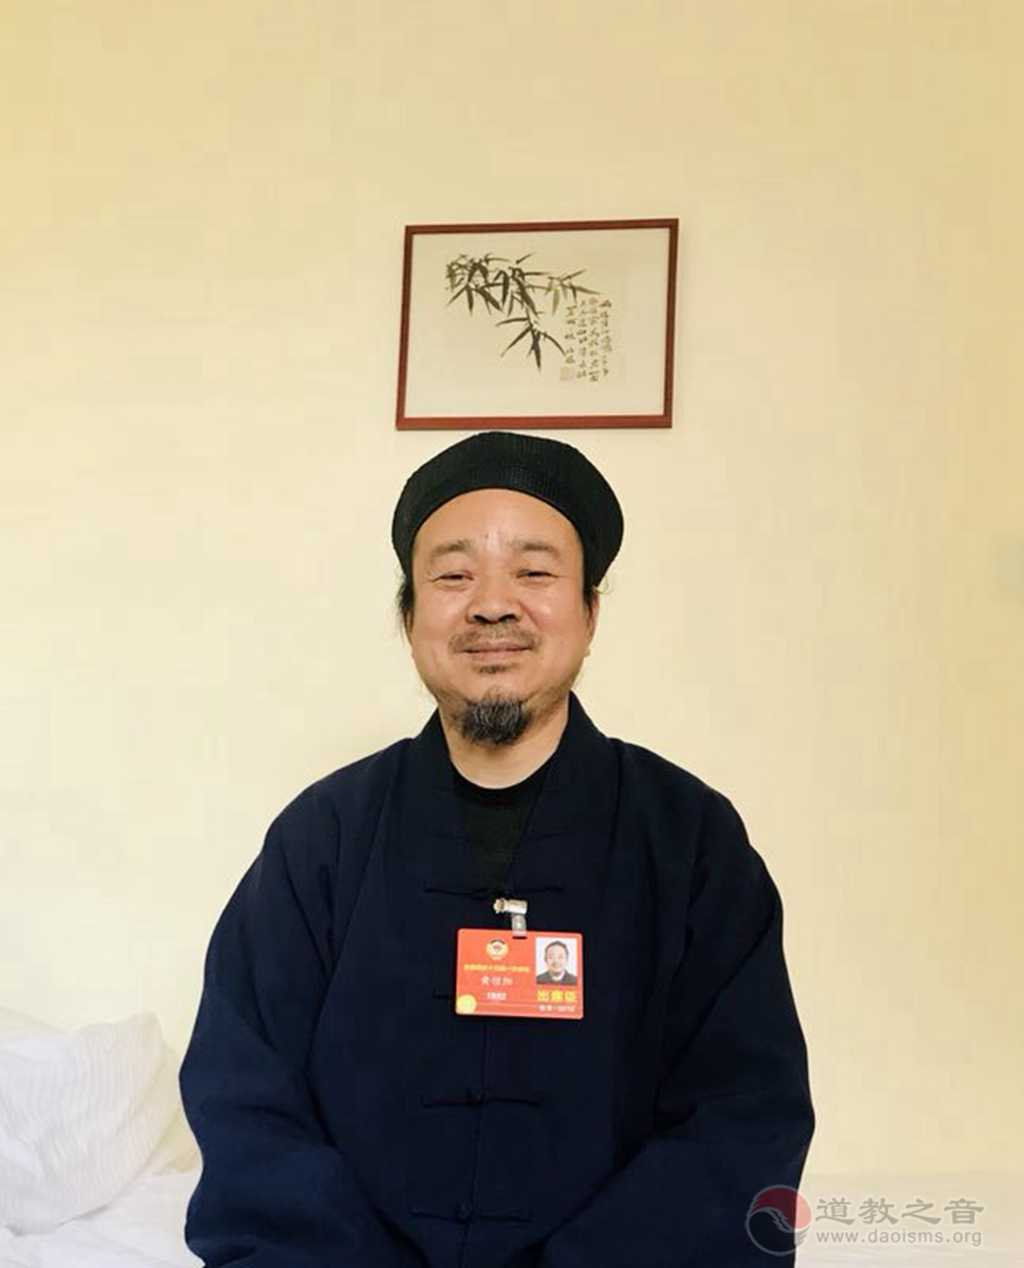 全国政协委员、中国道教协会副会长、北京市道教协会会长黄信阳道长